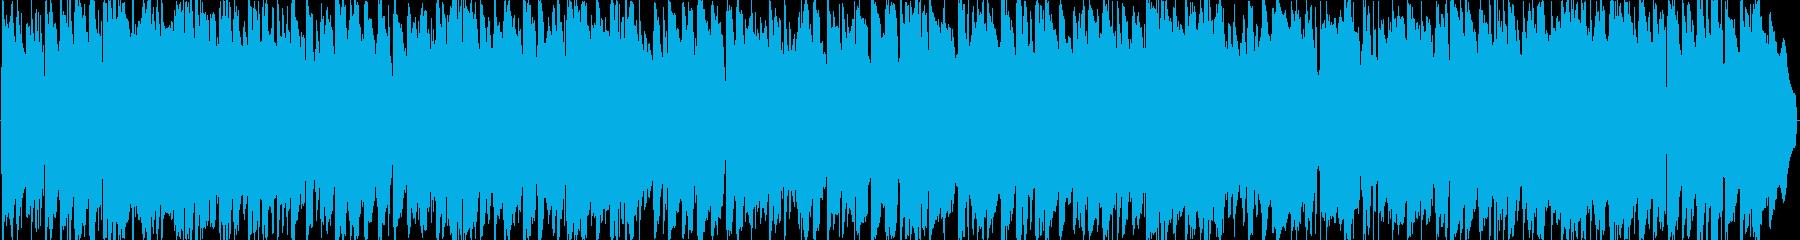 夏の海辺のラジオ音楽のようなBGM。の再生済みの波形